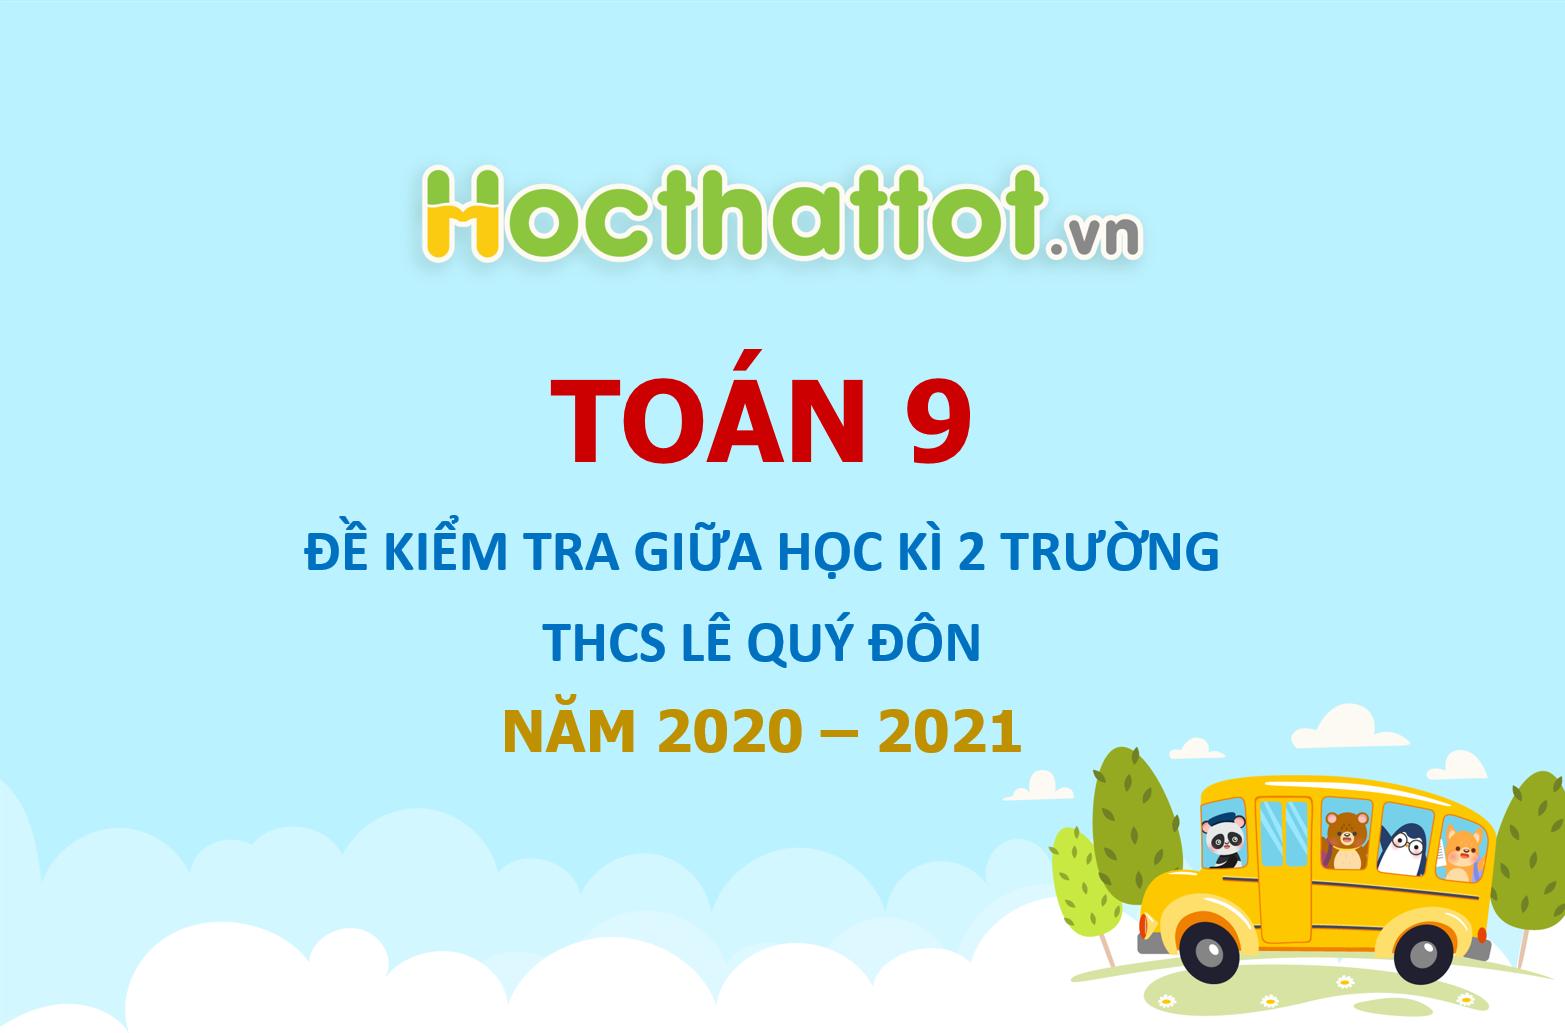 de-thi-giua-ky-2-toan-9-nam-2020-2021-truong-thcs-le-quy-don-ha-noi